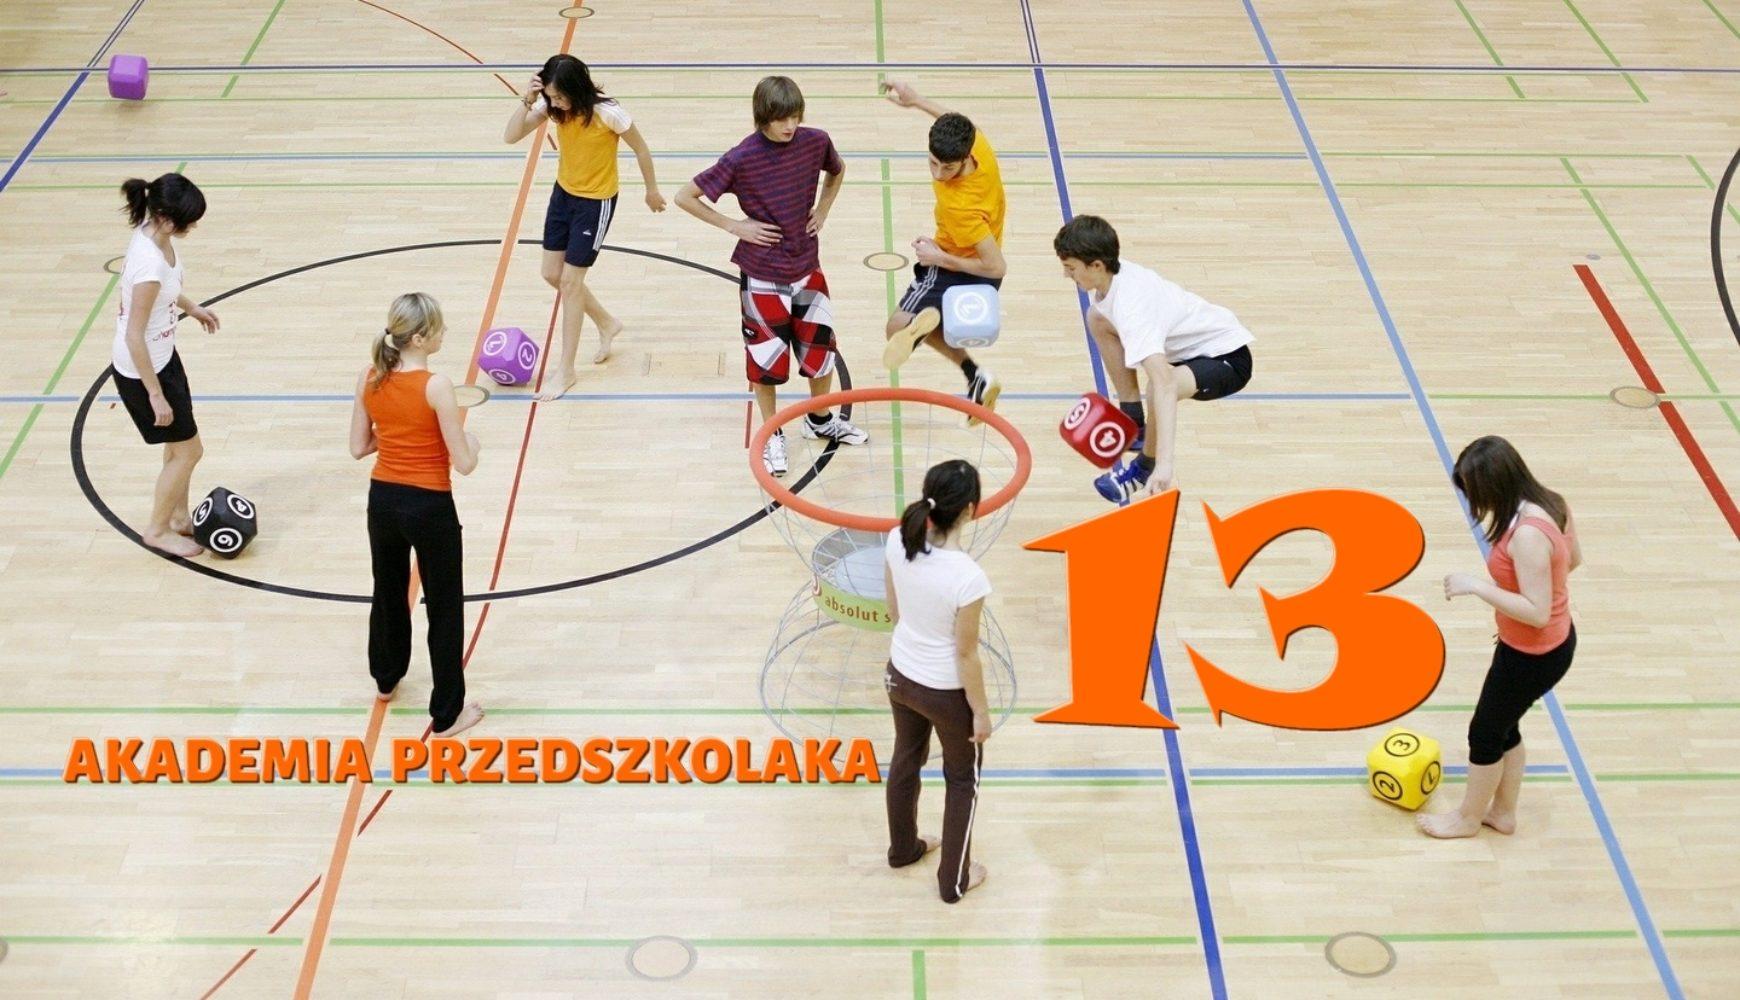 Ćwiczenia domowe – 13 – Akademia Przedszkolaka